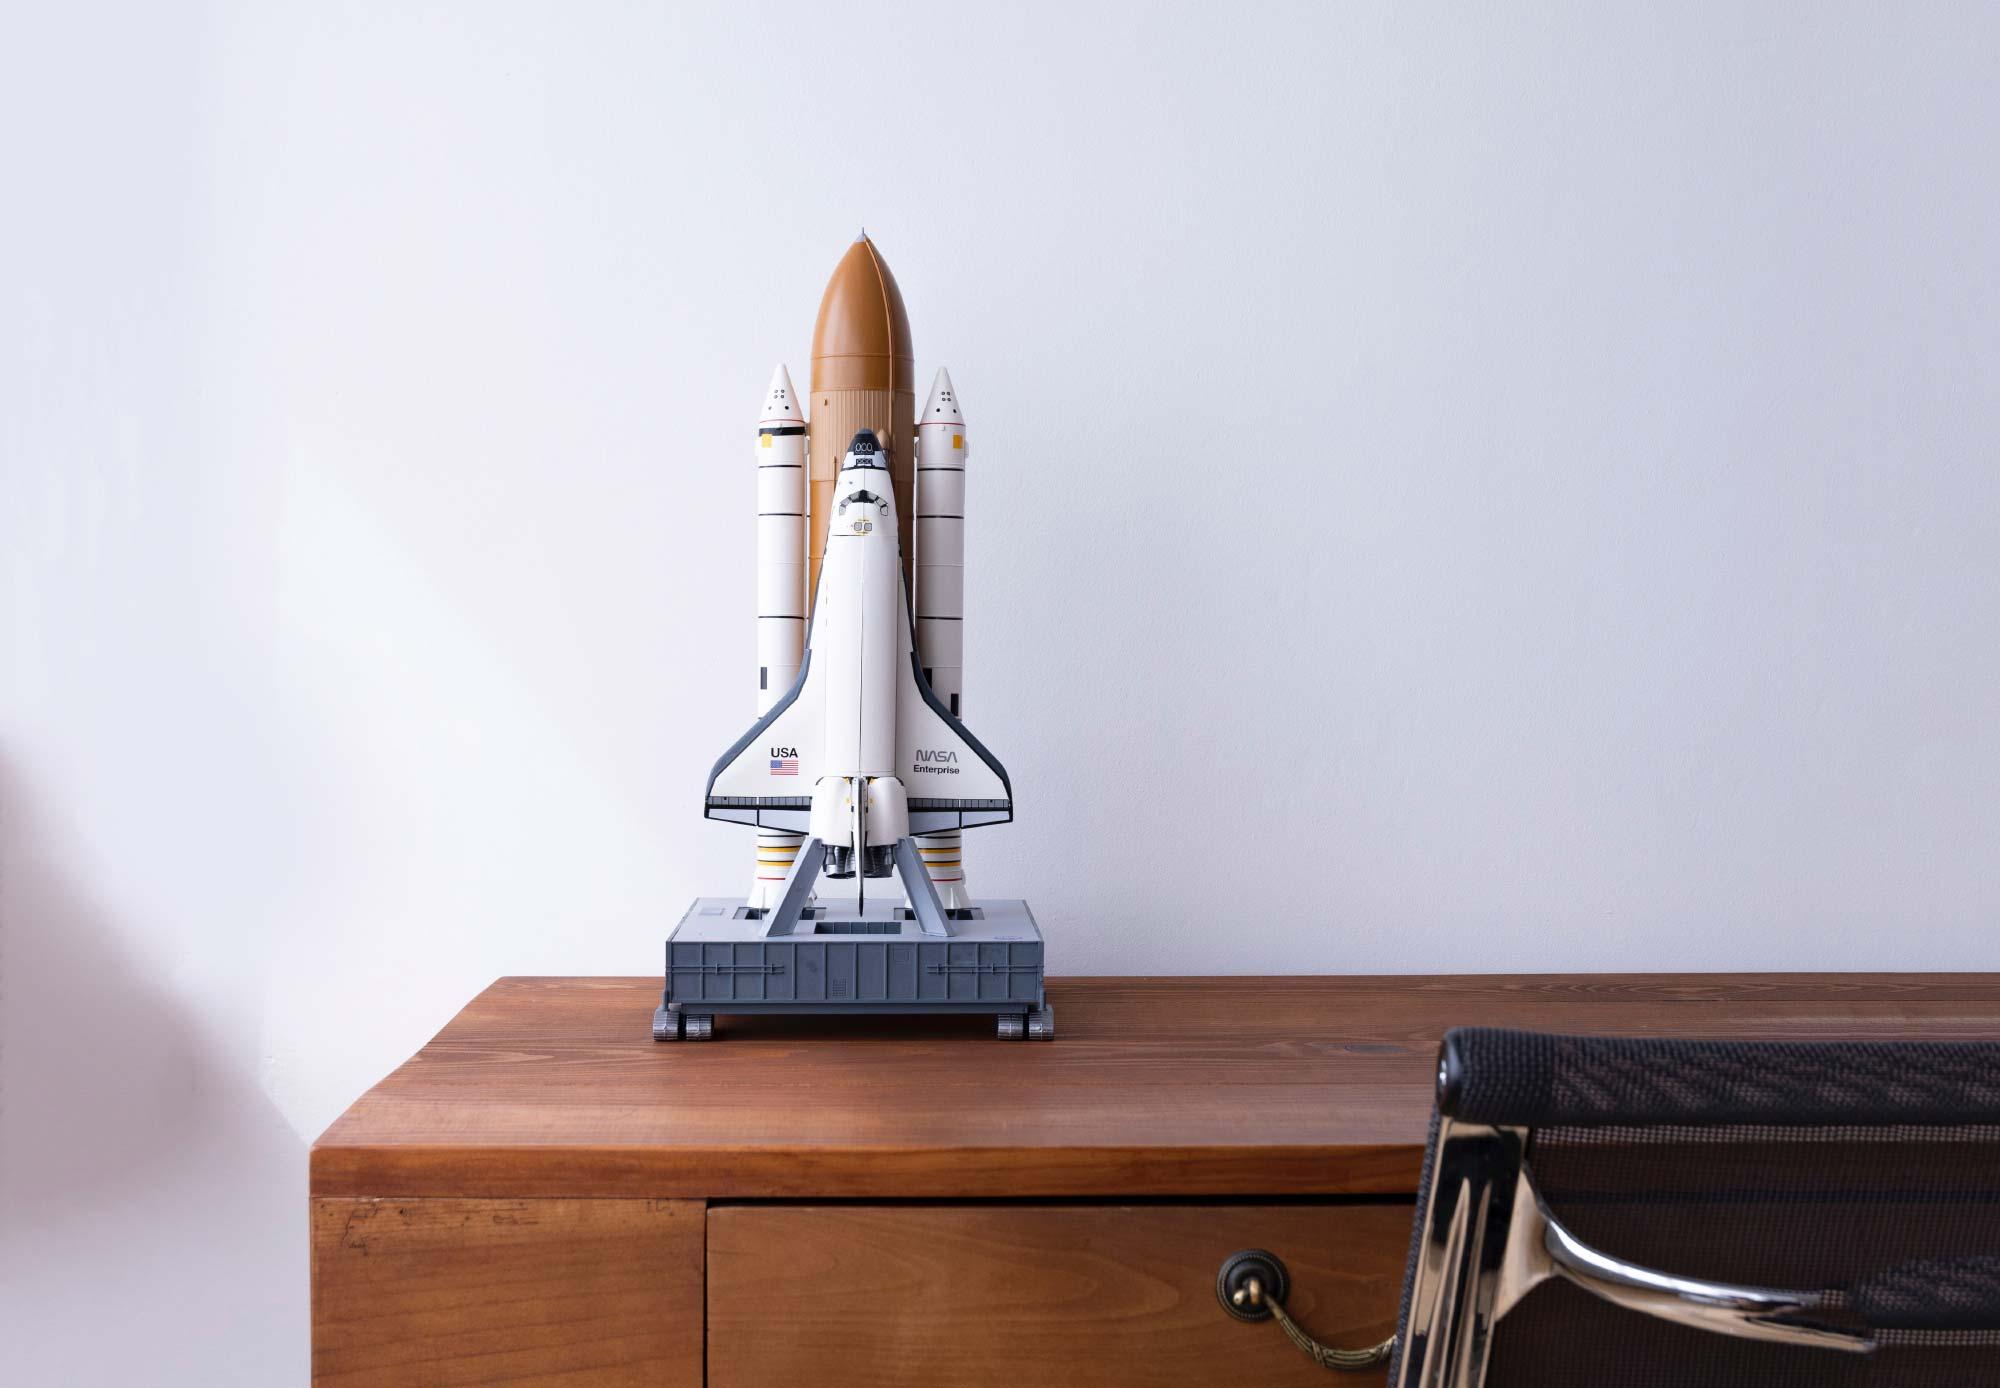 Rocket ship on my desk